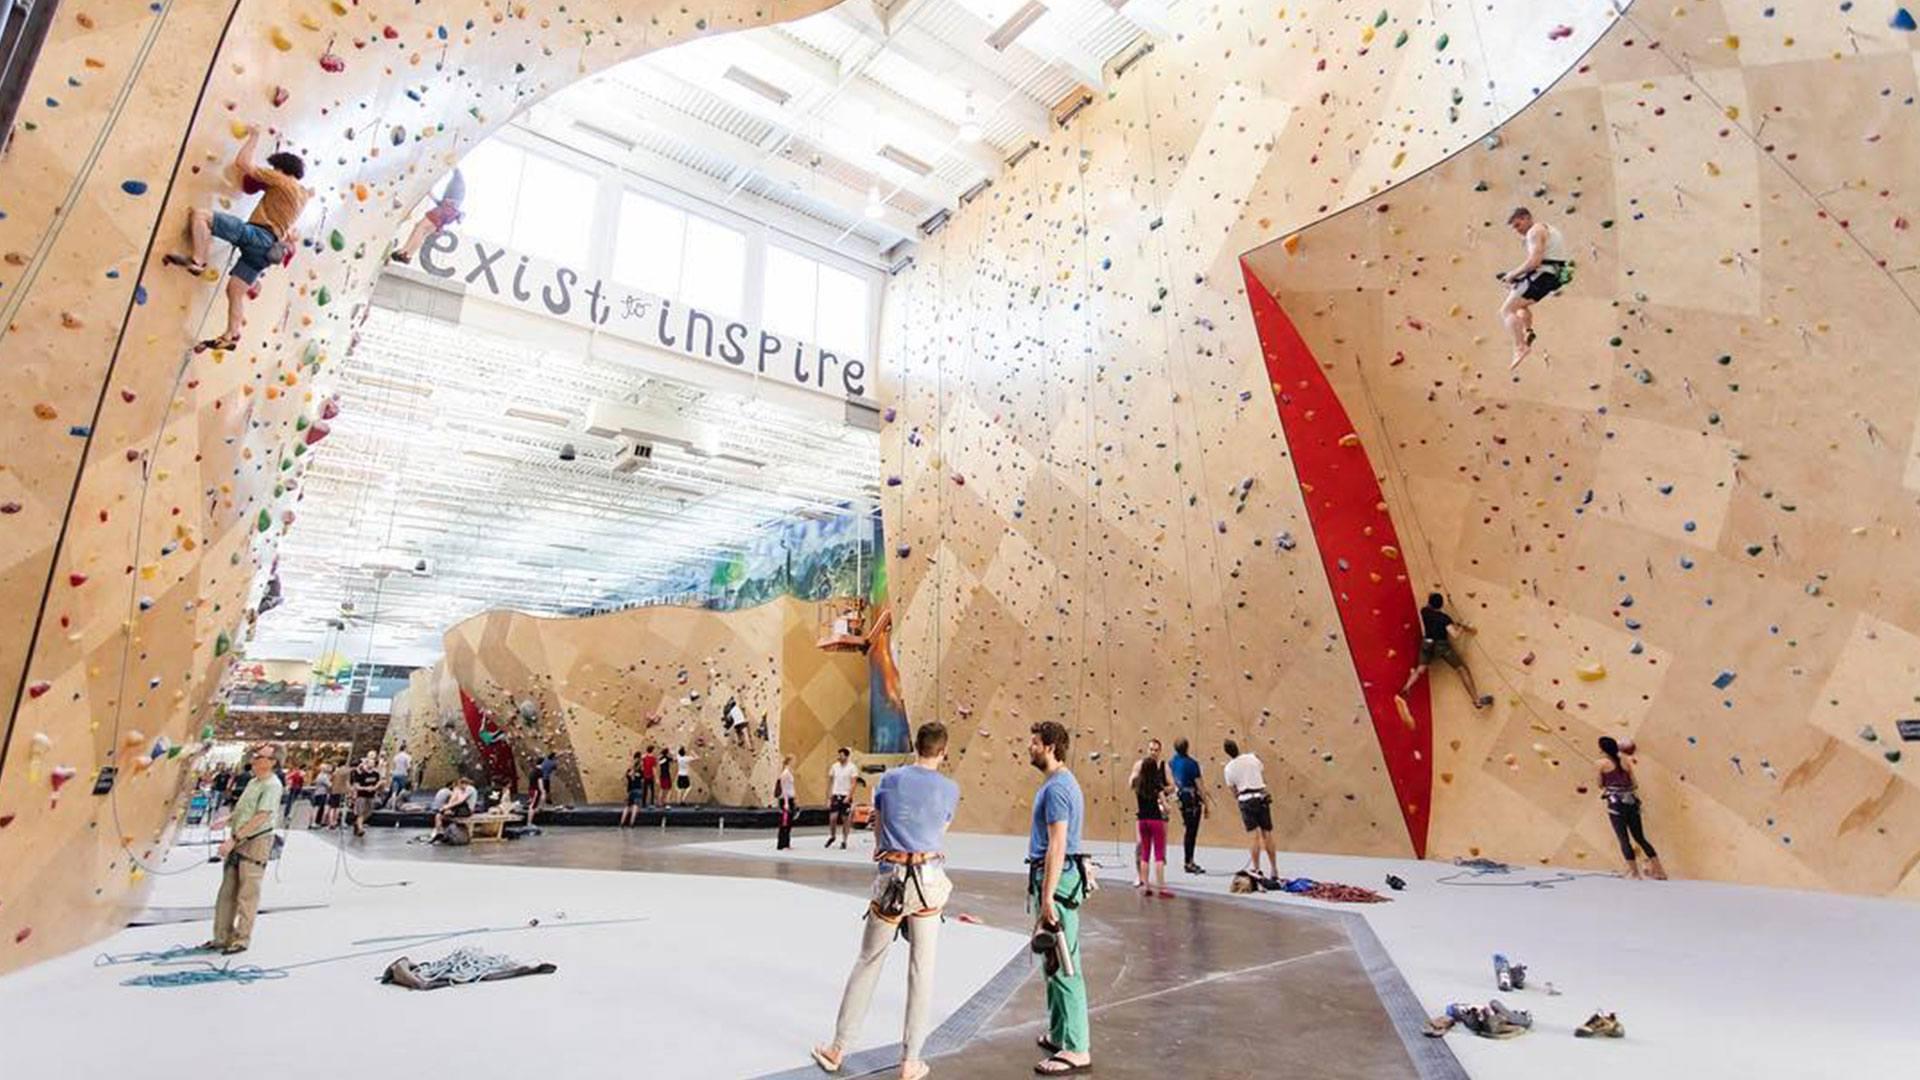 Brooklyn Boulders Queensbridge Facility